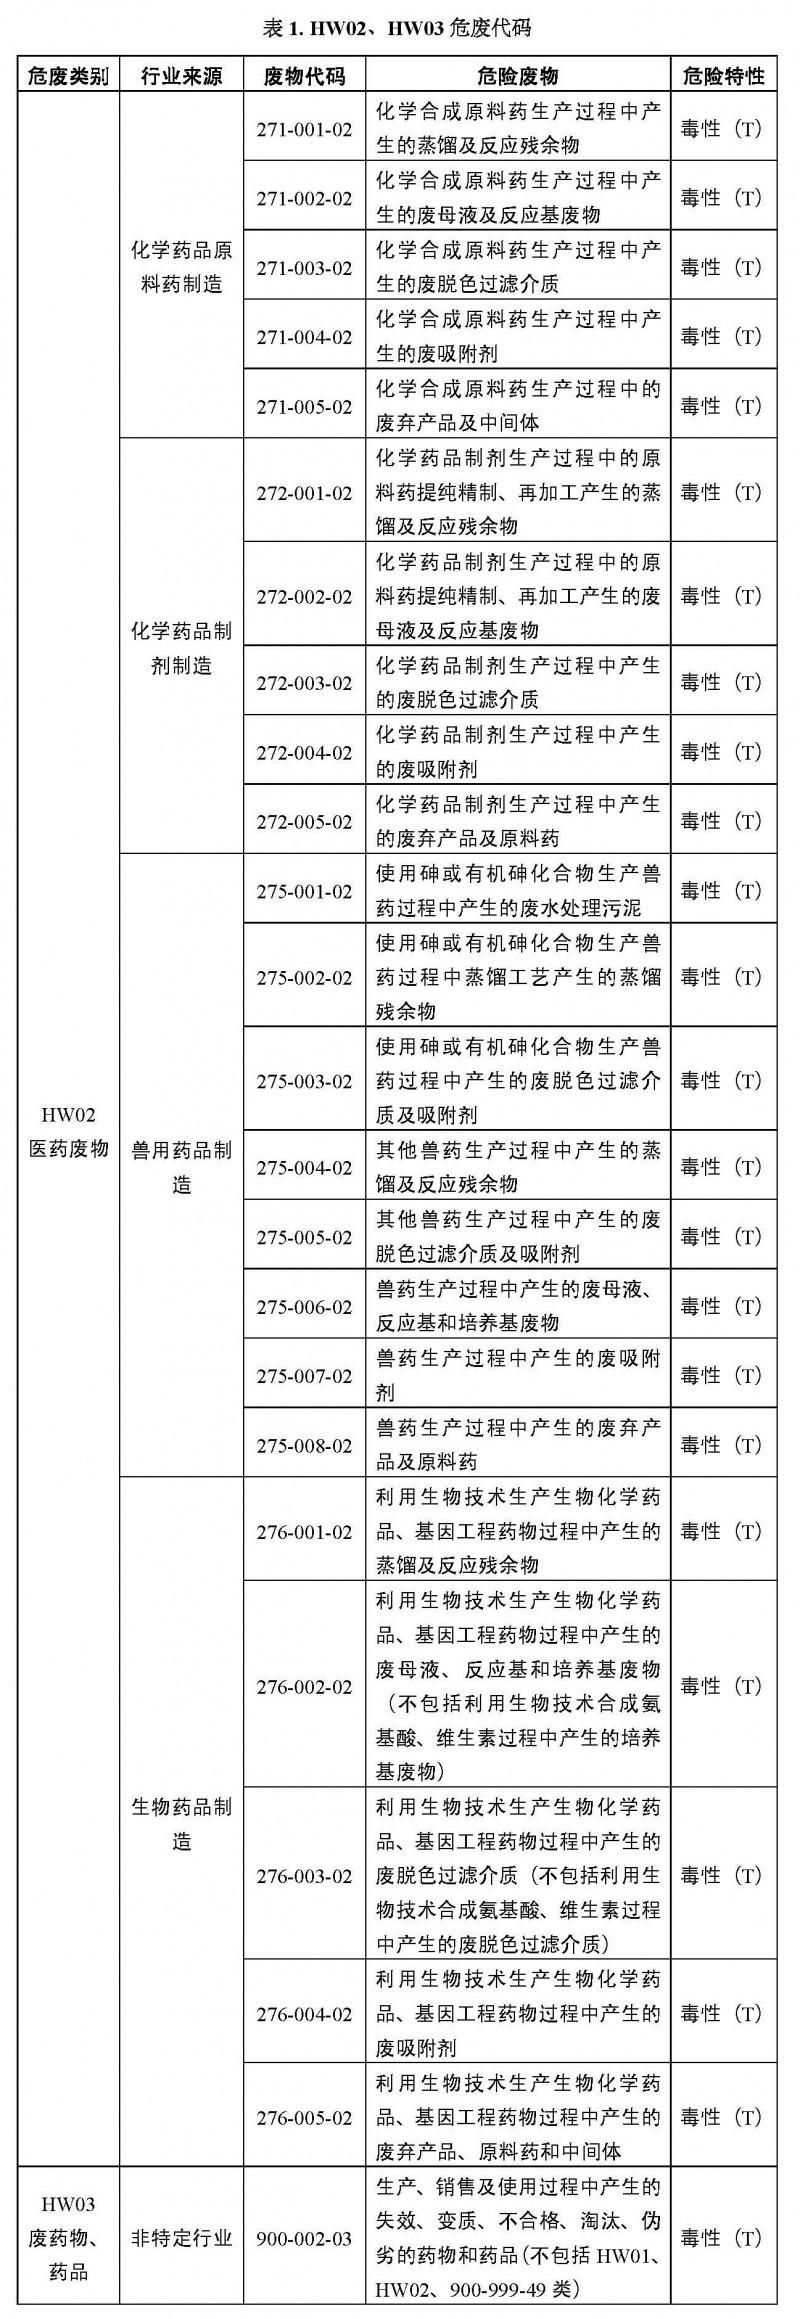 表1_页面_1